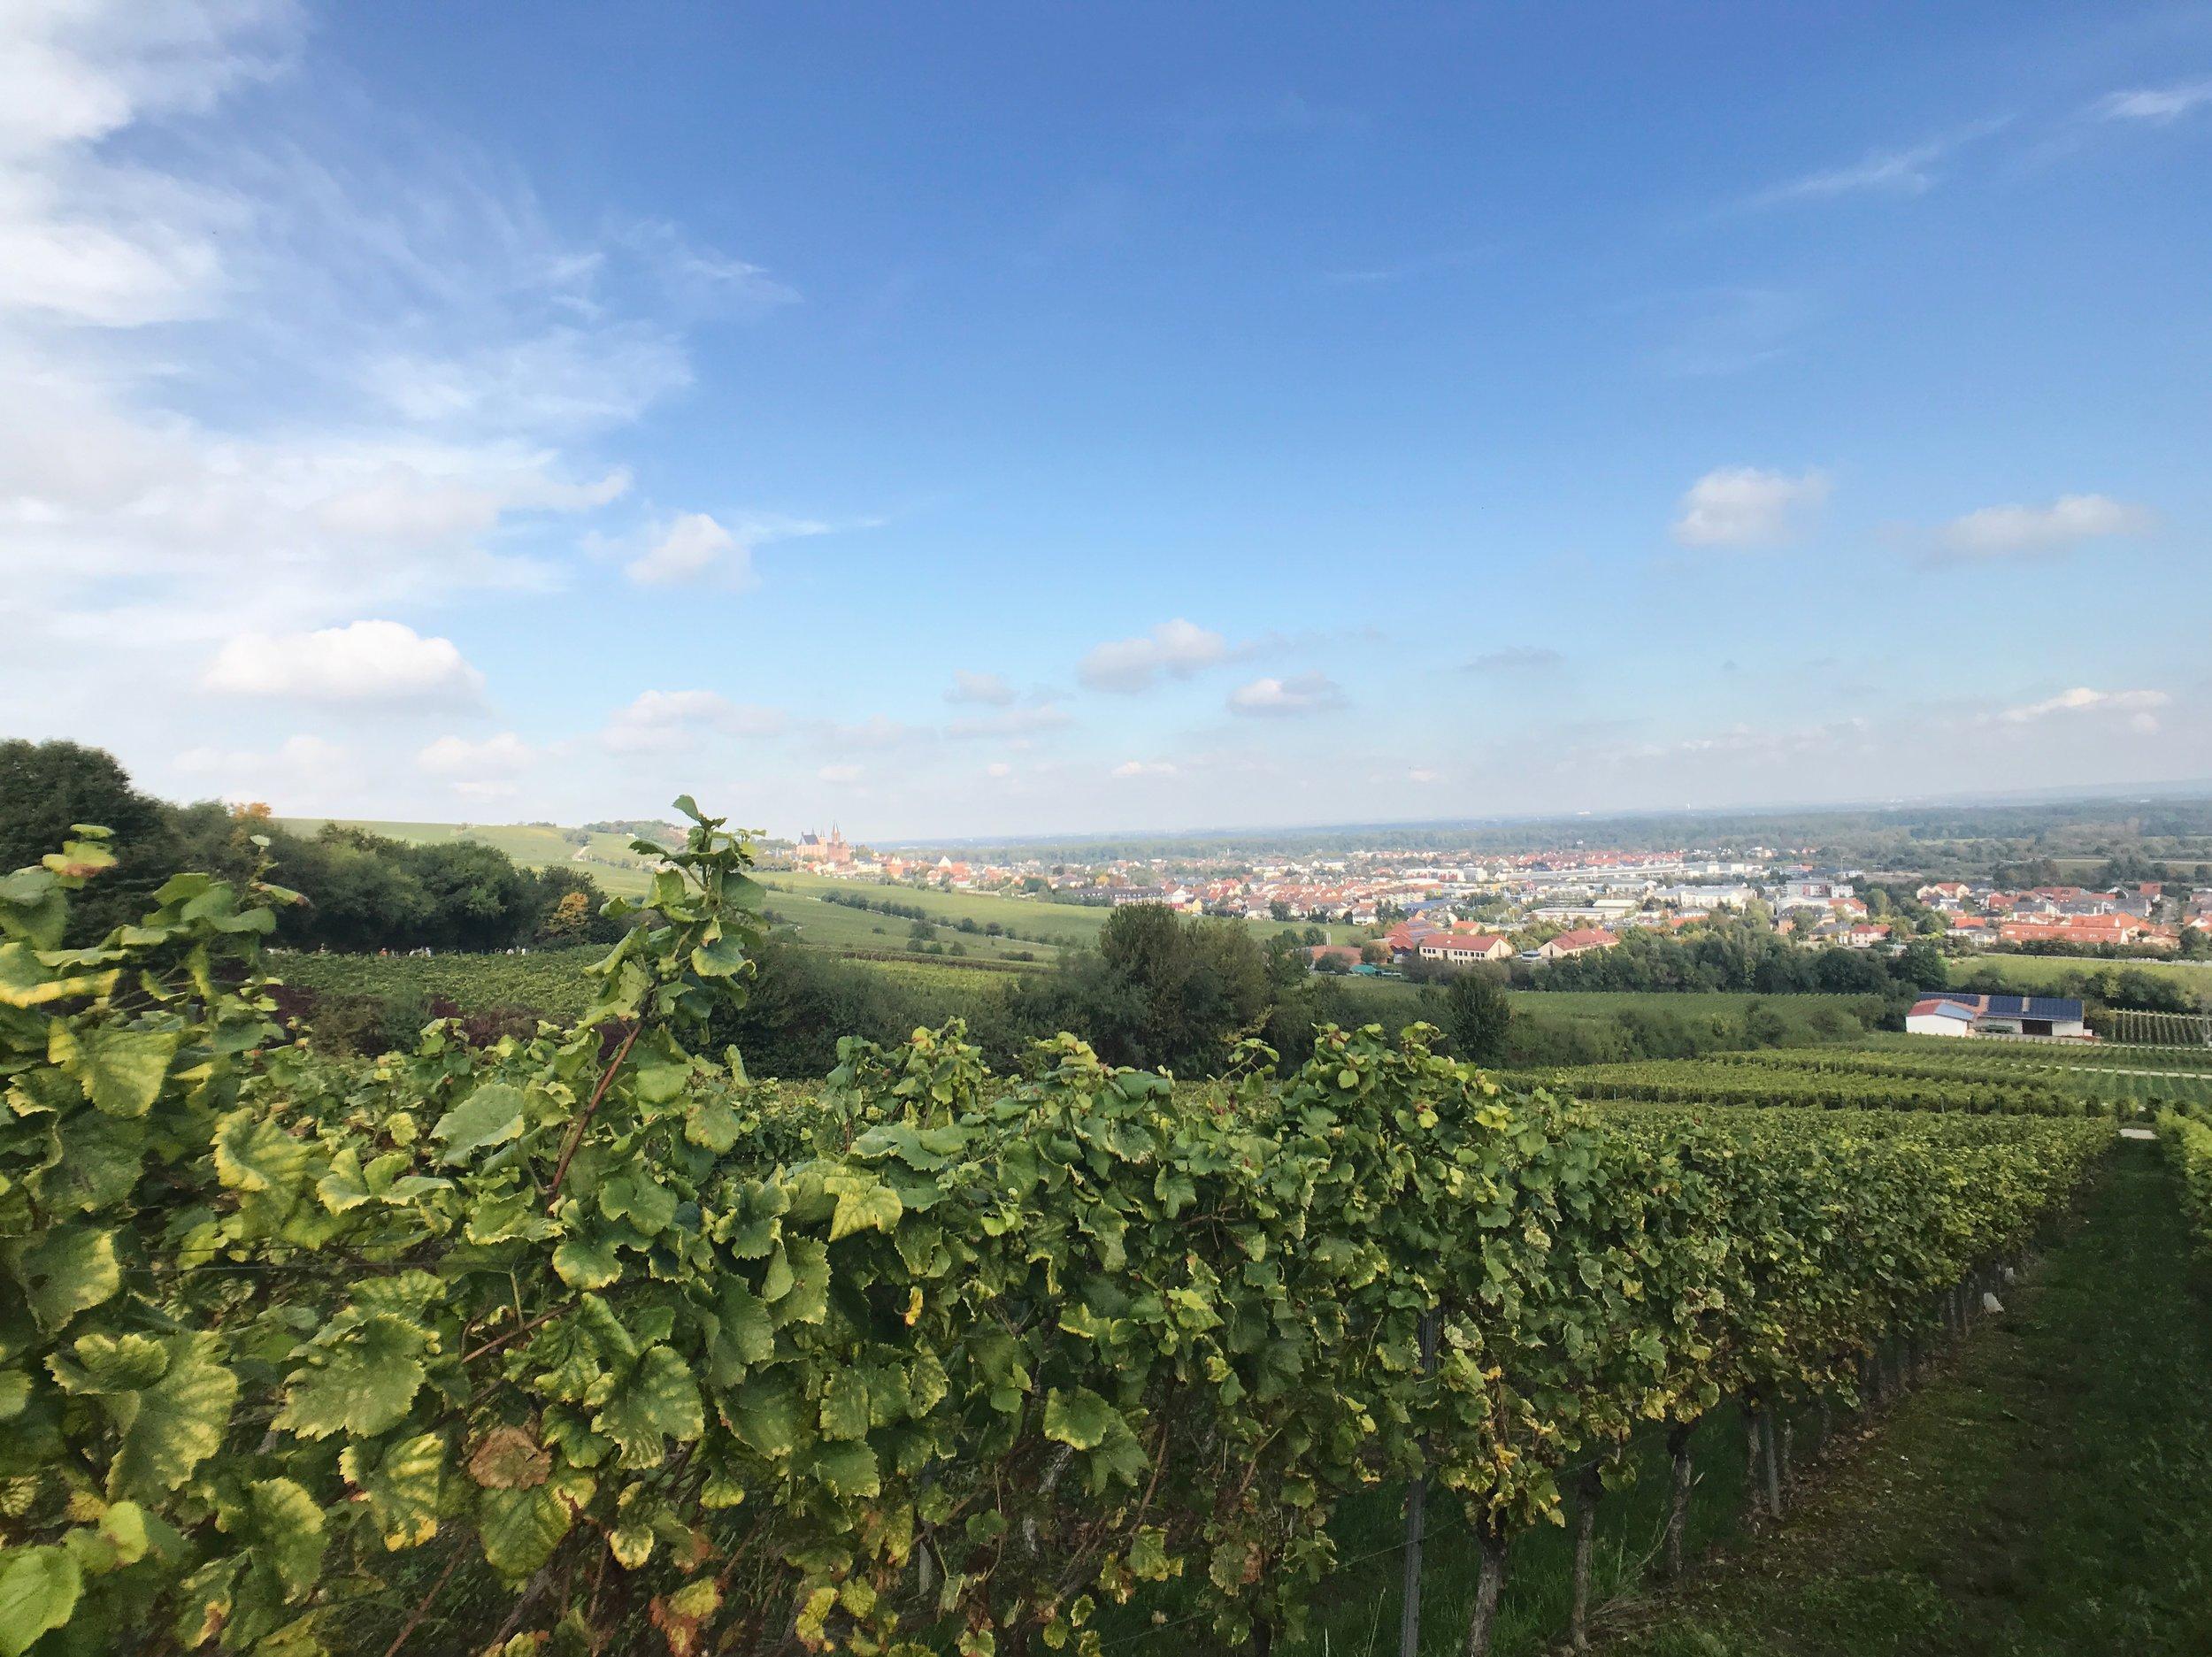 Auf dem Weinberg. Im Hintergrund Stadt Oppenheim mit Burgruine Landskron